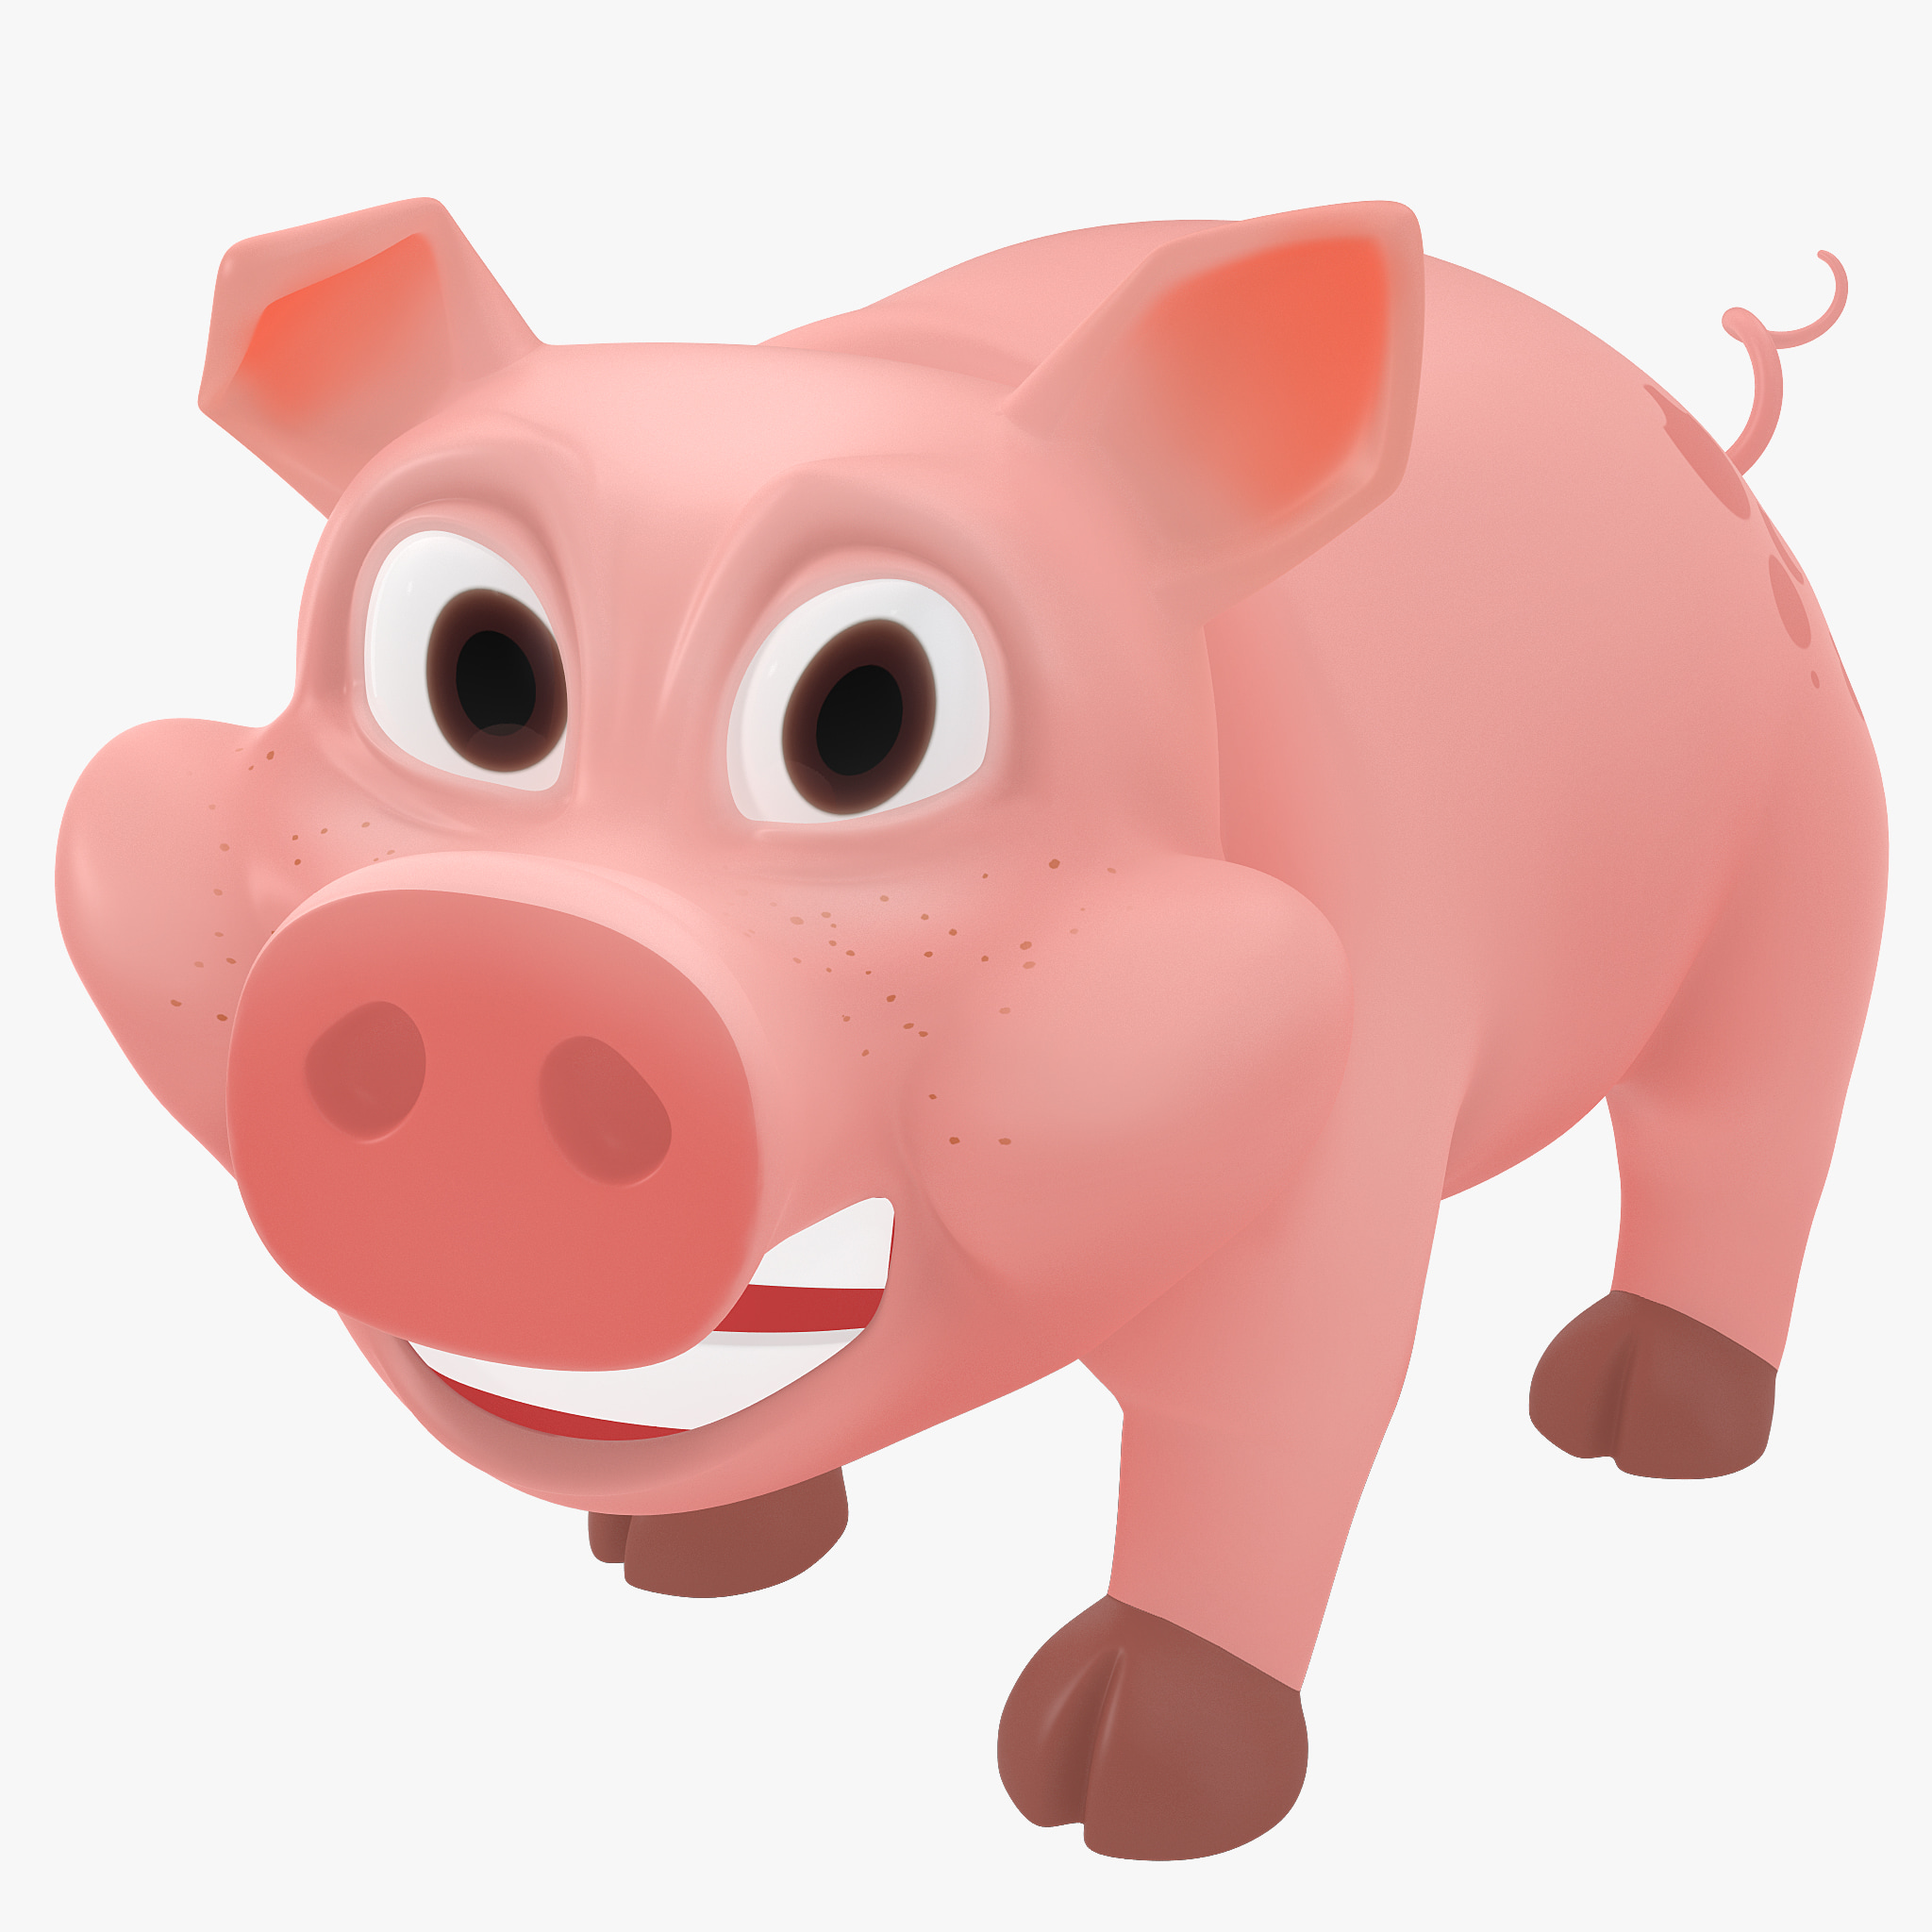 Cartoon Pig Rigged_1.jpg